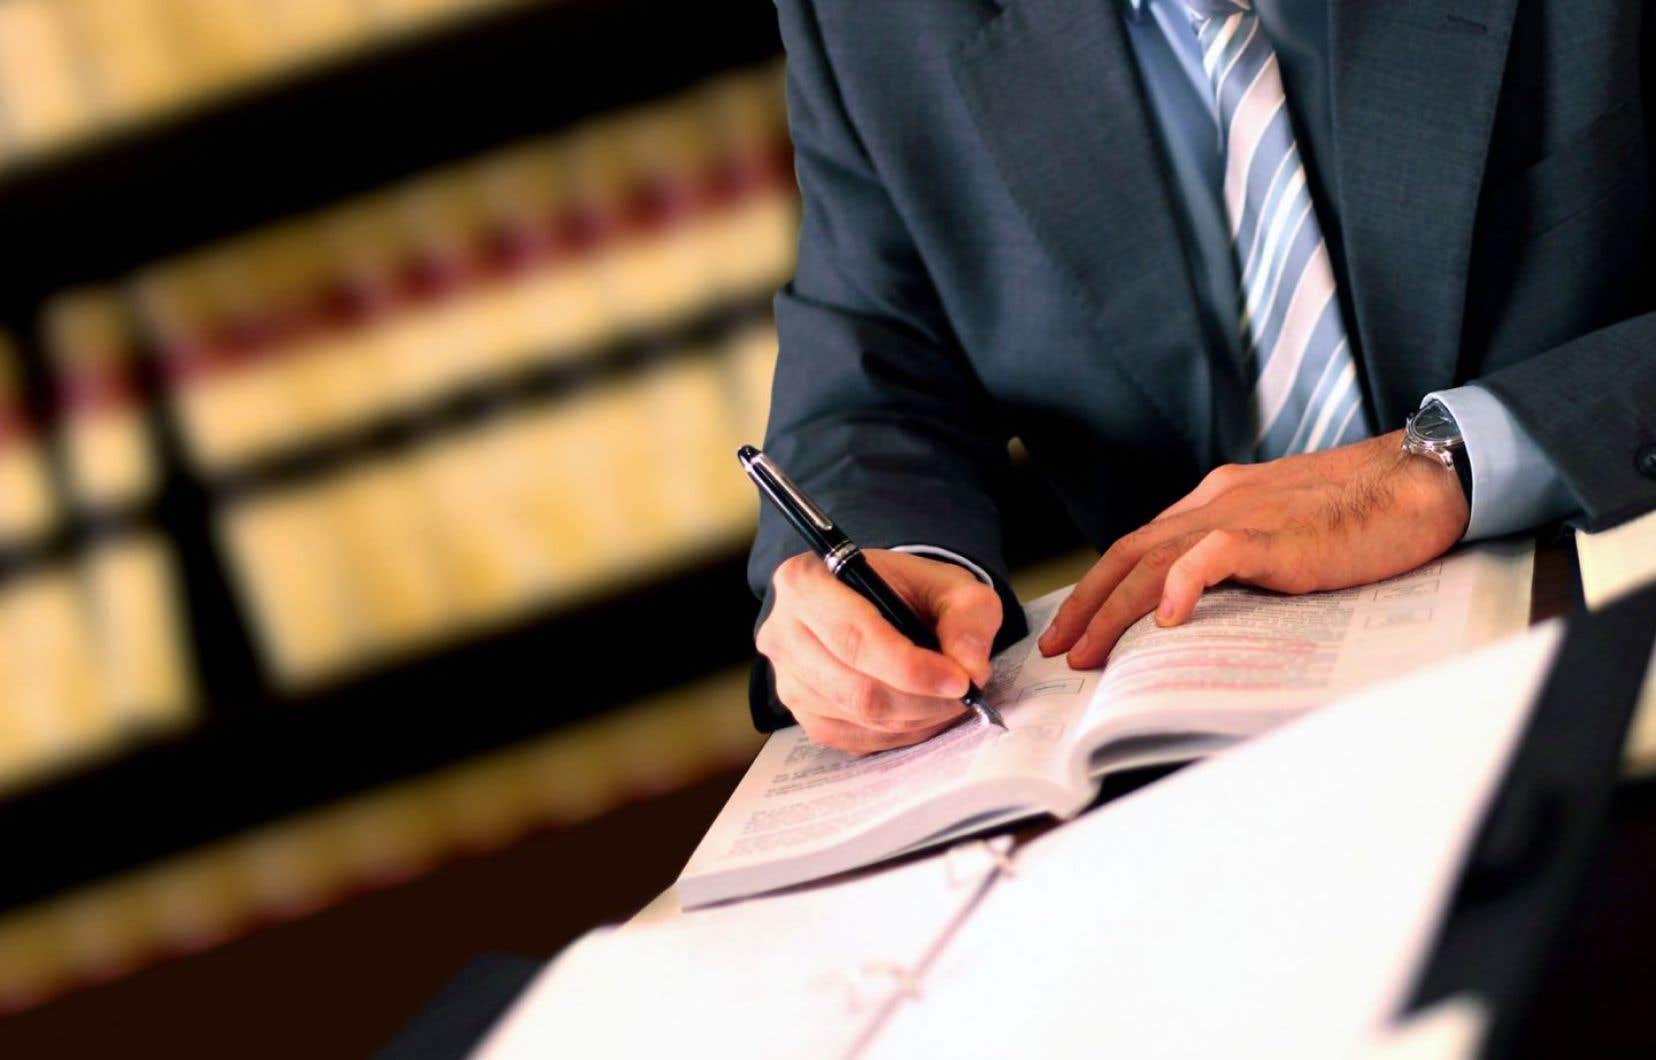 L'auteure juge que les services couverts par le système québécois de l'aide juridique comportent des limites importantes.